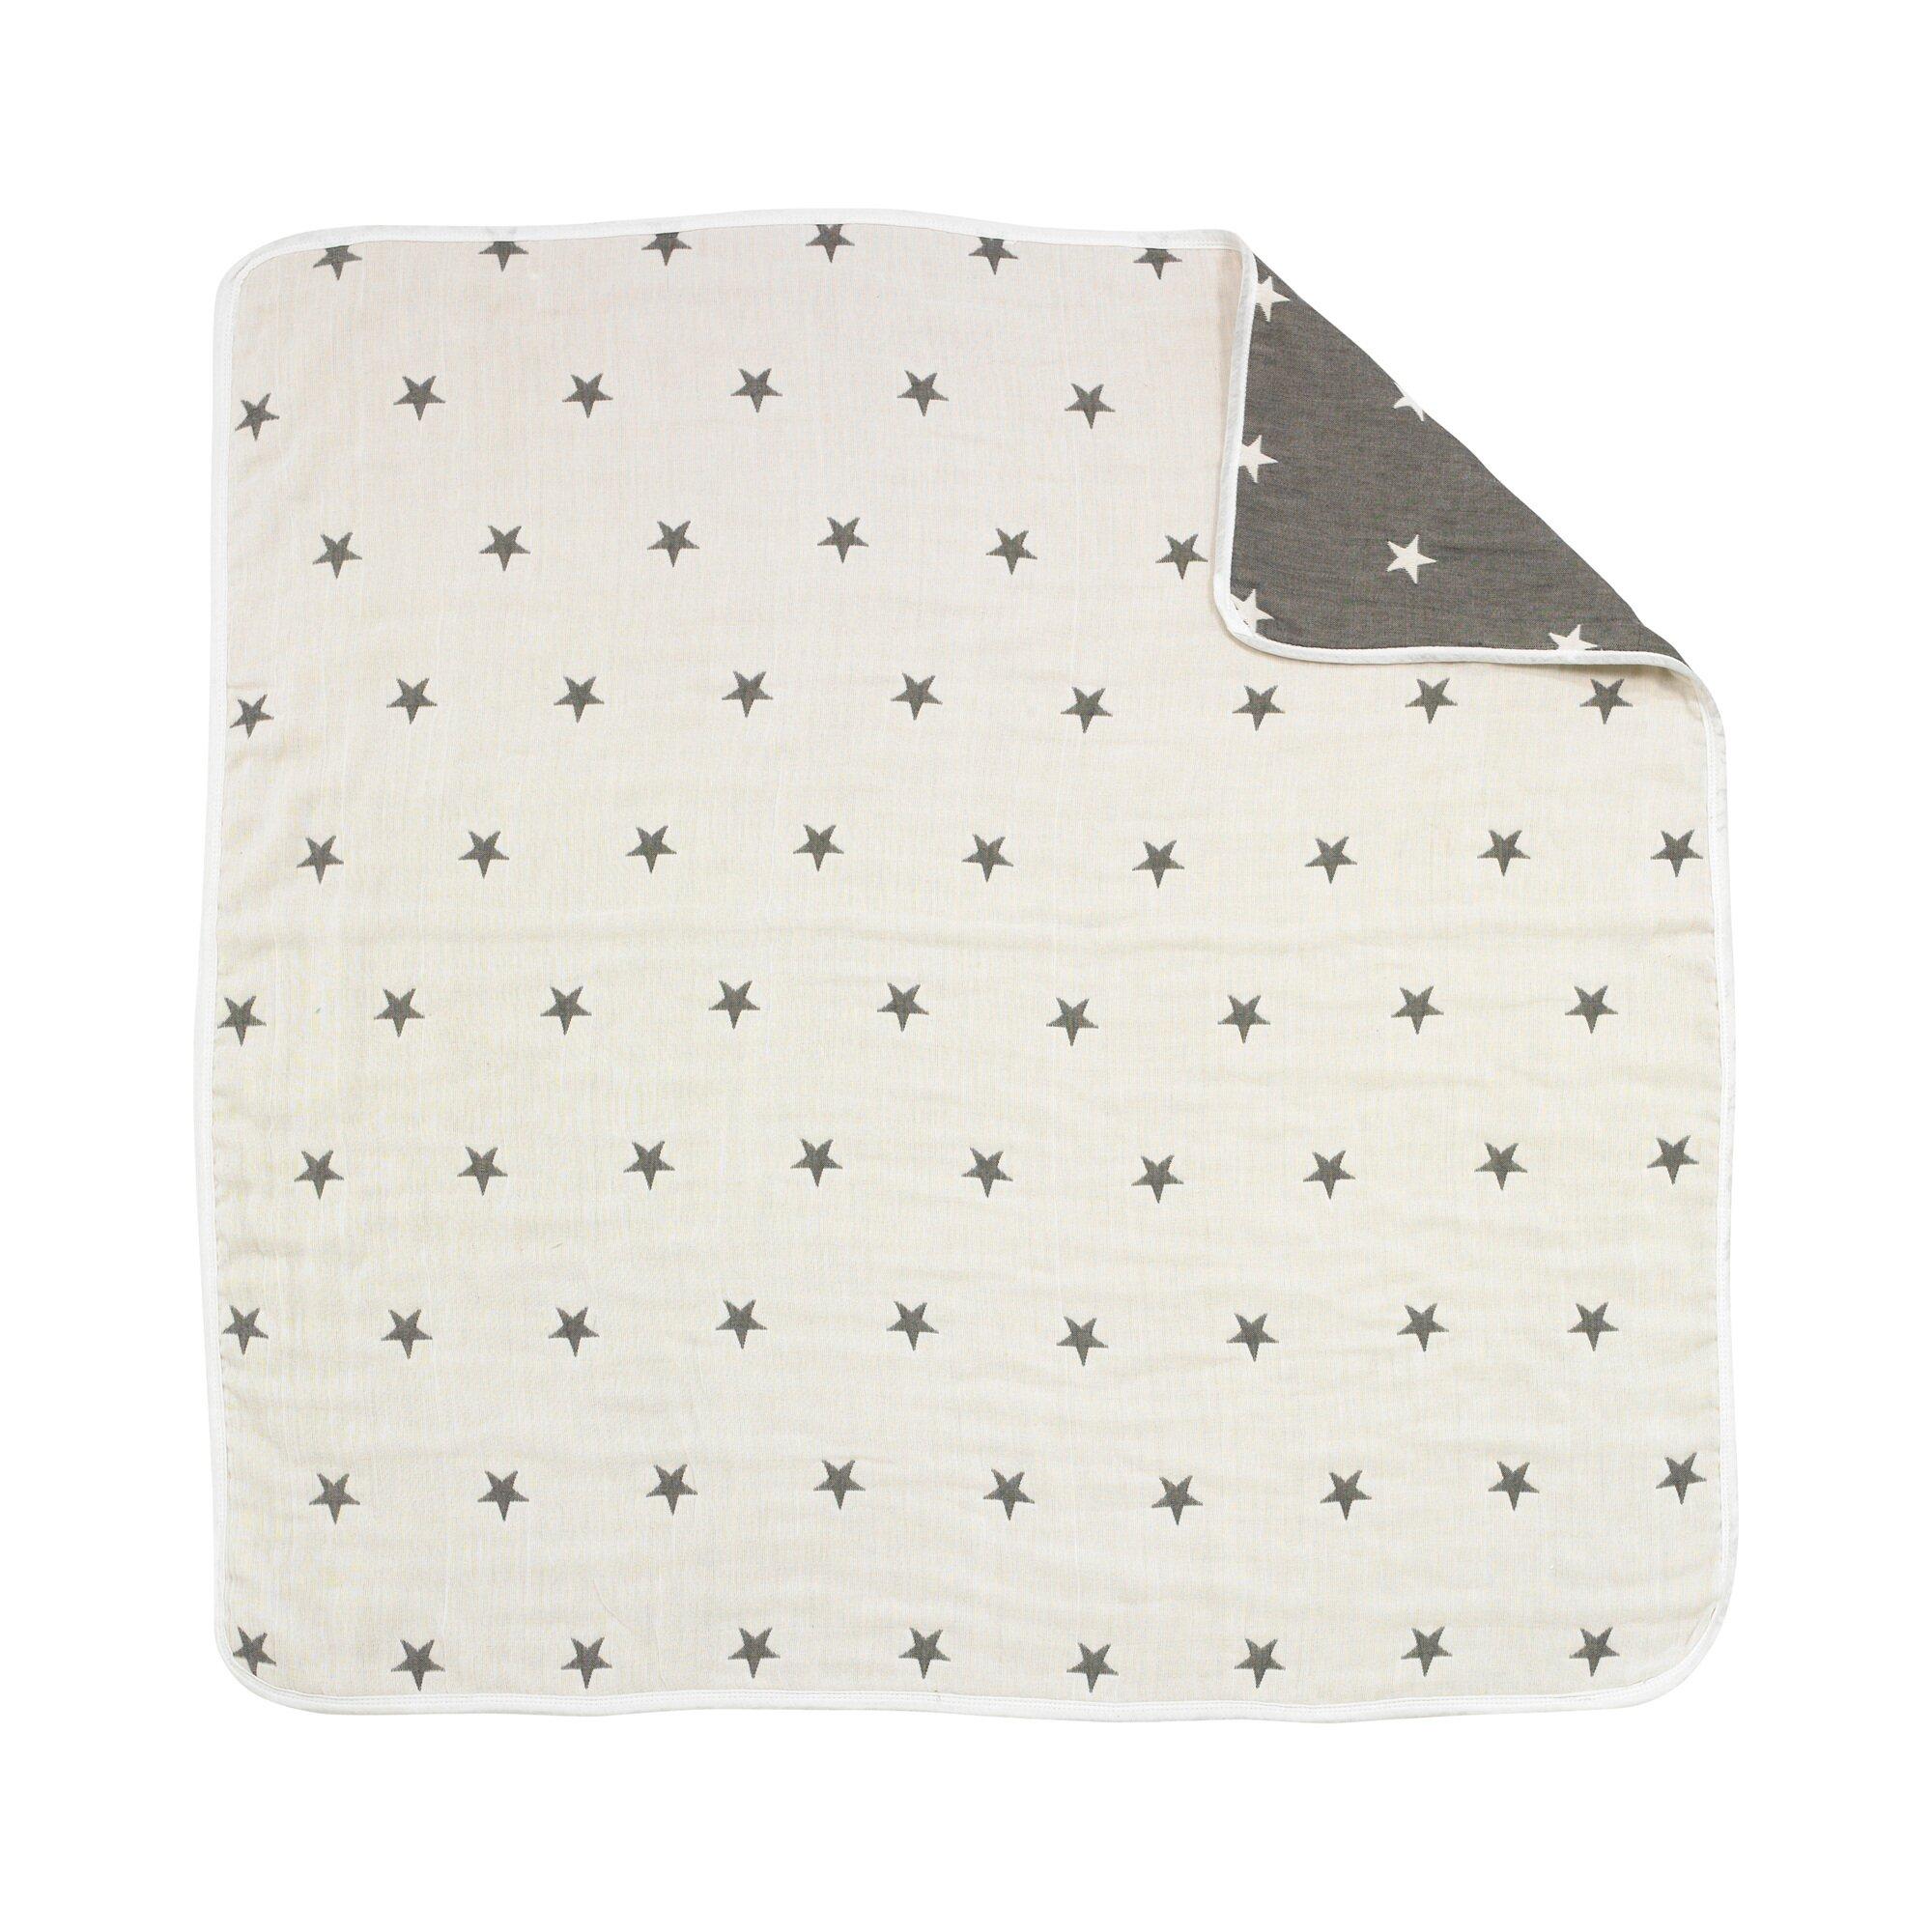 Decke Supermull 105x105 cm grau